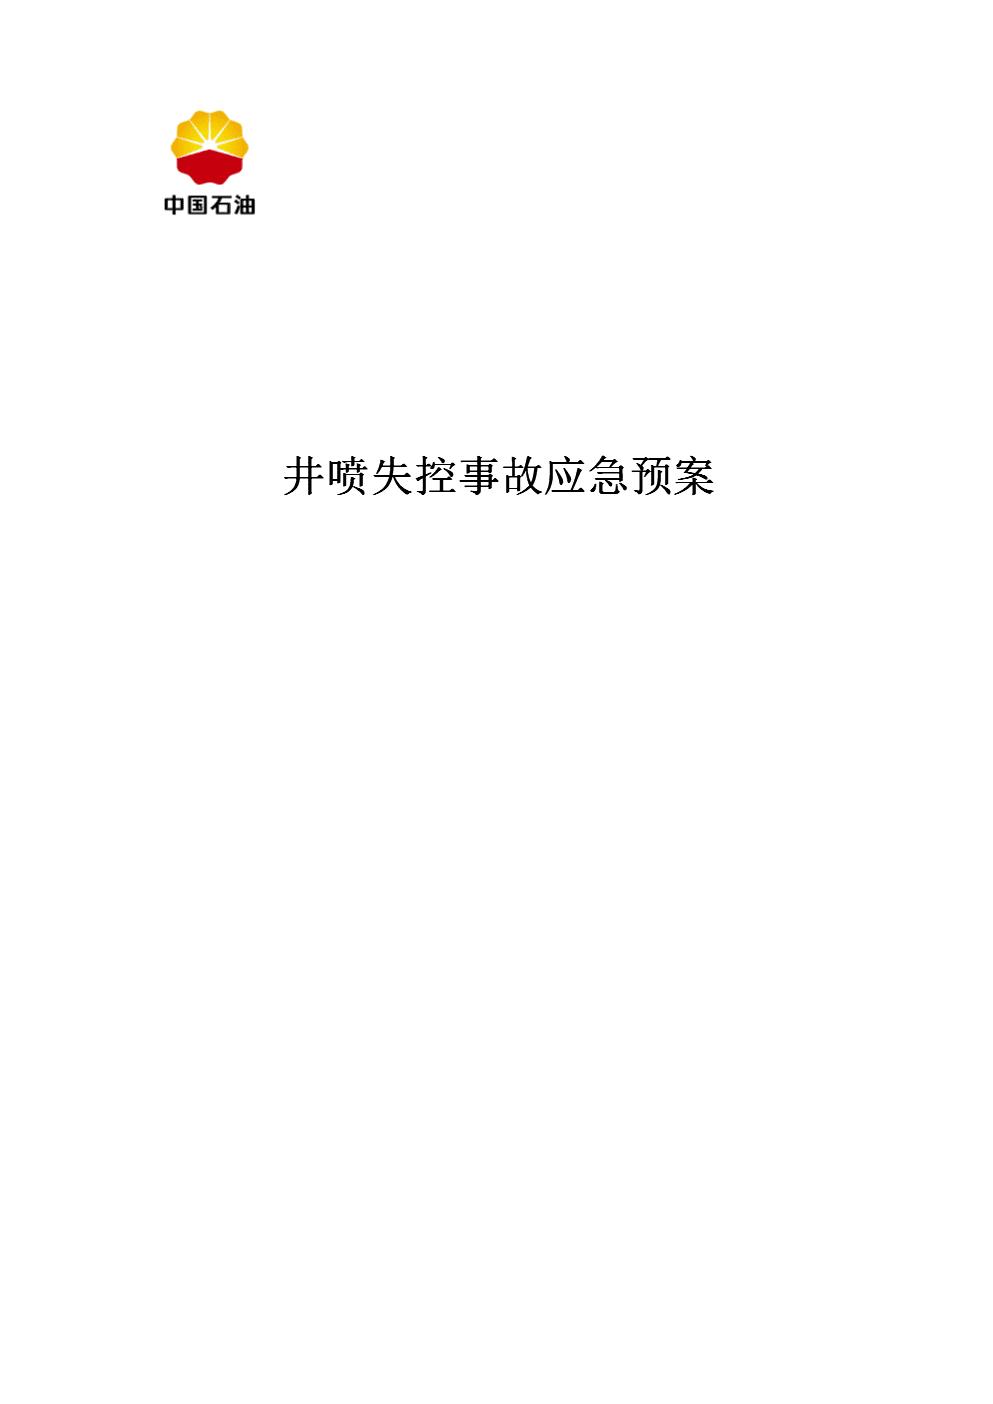 井下作业井喷失控事故应急预案范本.doc